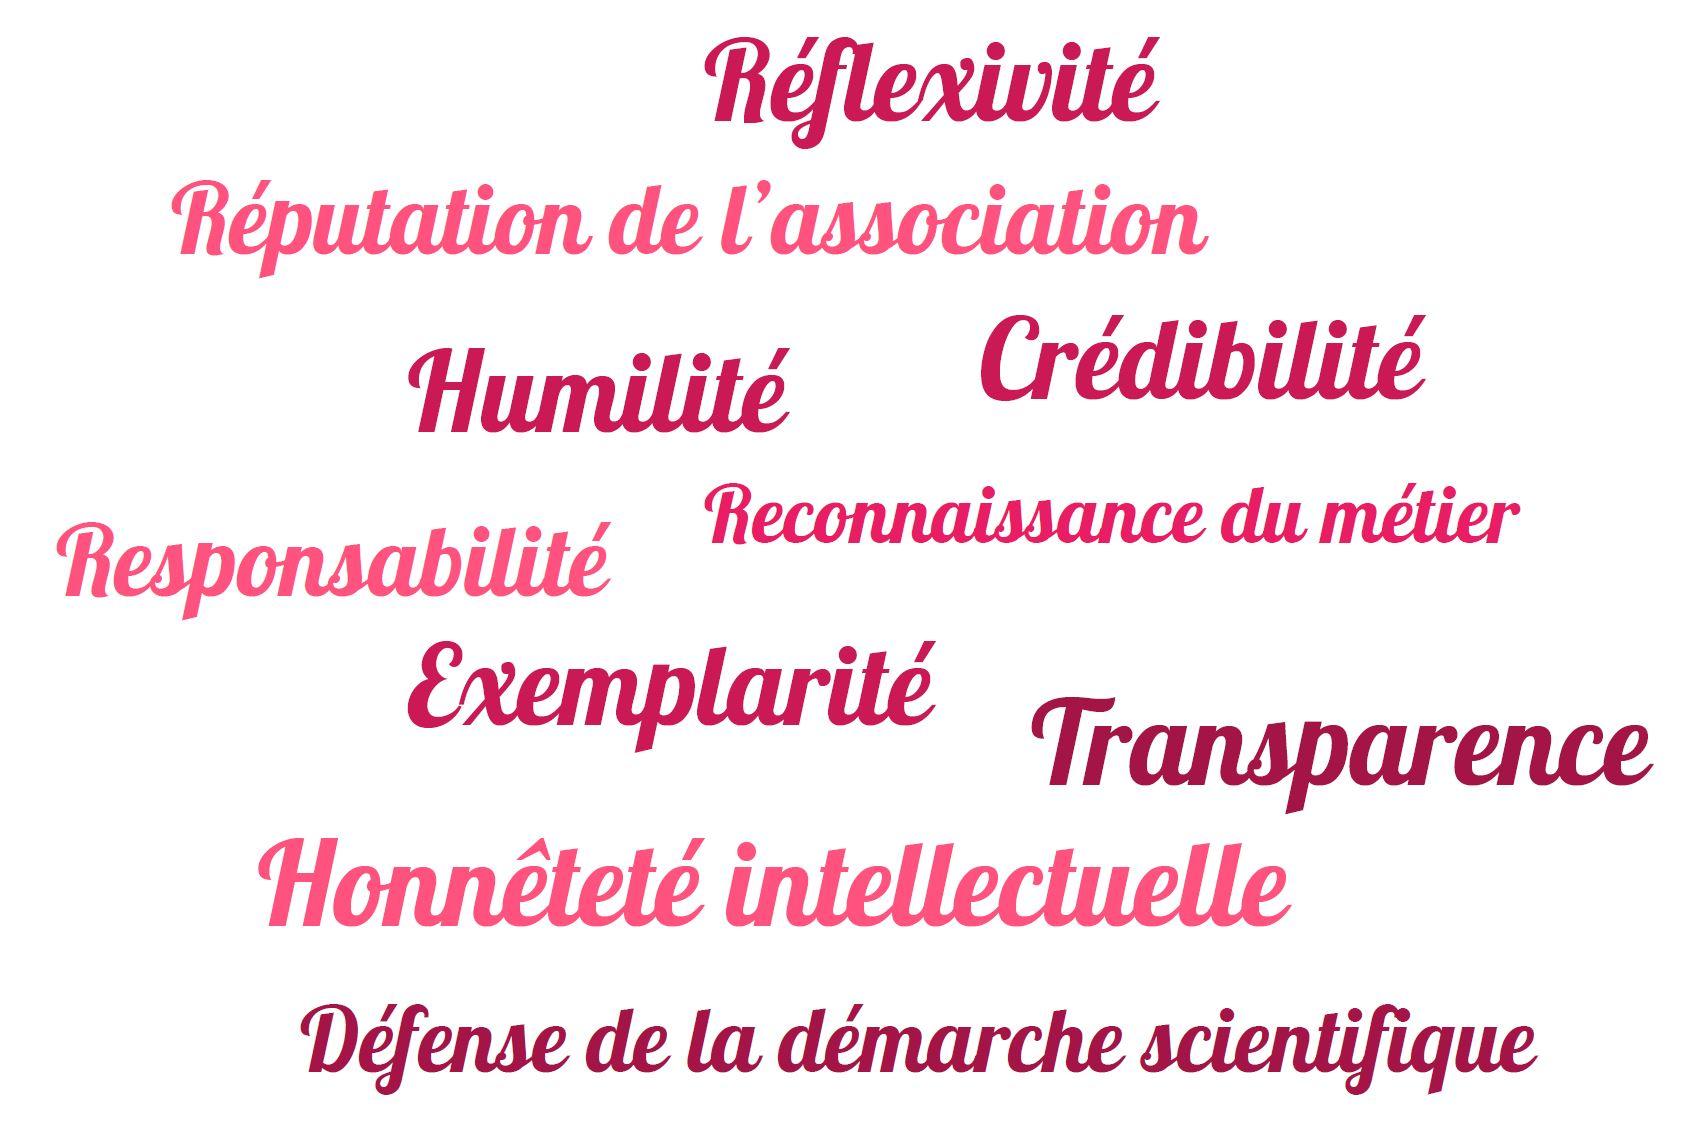 Motivations et valeurs des vidéastes scientifiques